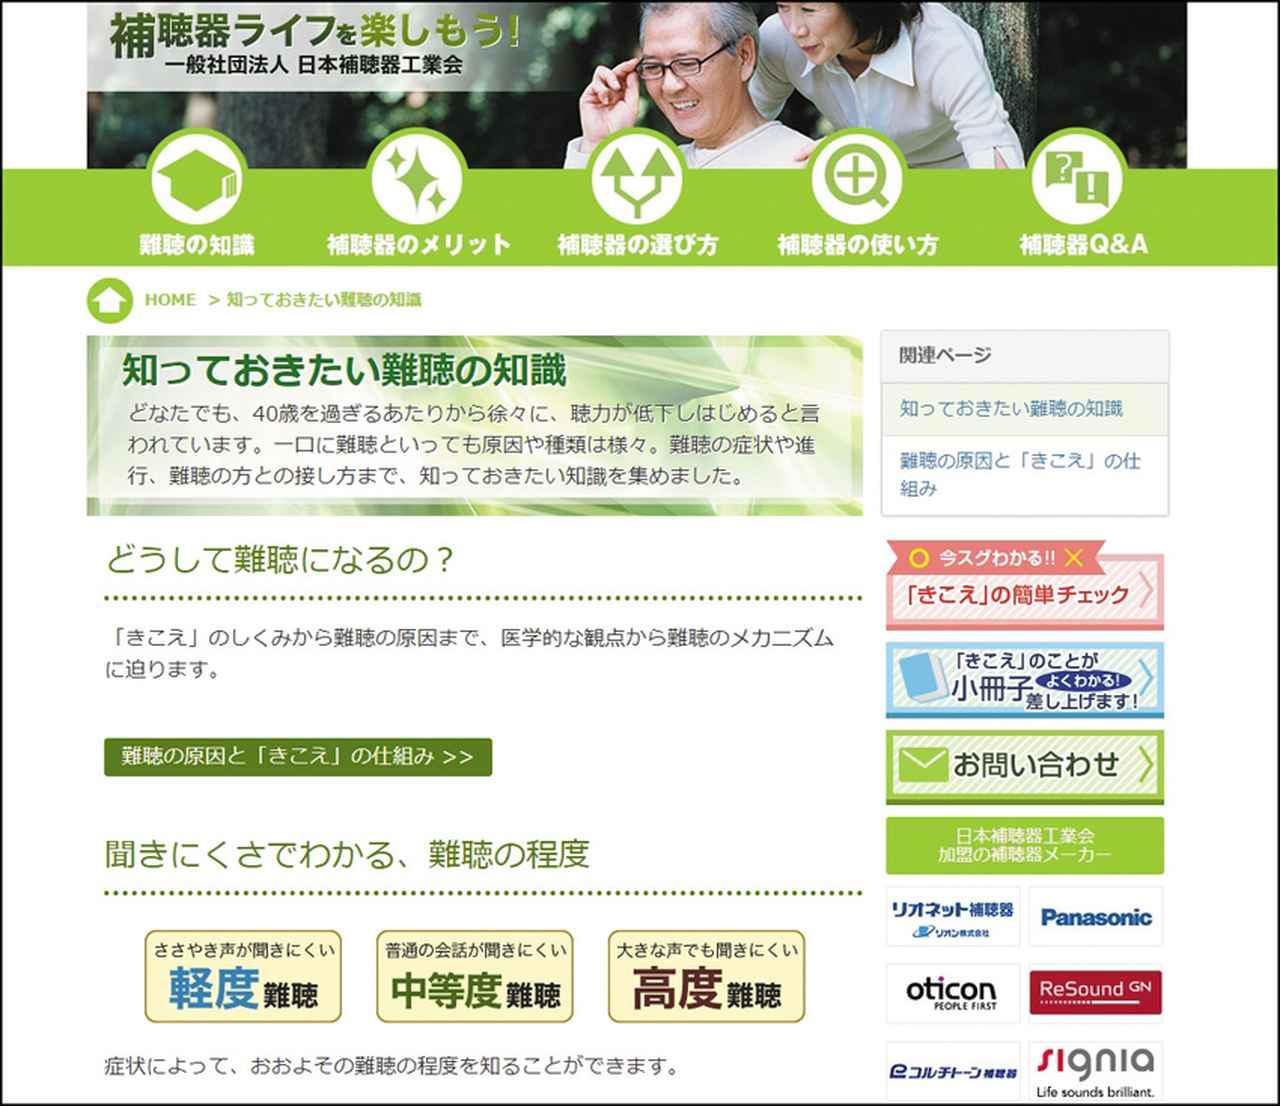 画像: 難聴は程度により「軽度」「中等度」「高度」などに分かれる。詳しくは日本補聴器工業会のサイト(※)を参照のこと。 ※「知っておきたい難聴の知識」⇒ http://www.hochouki.com/knowledge/